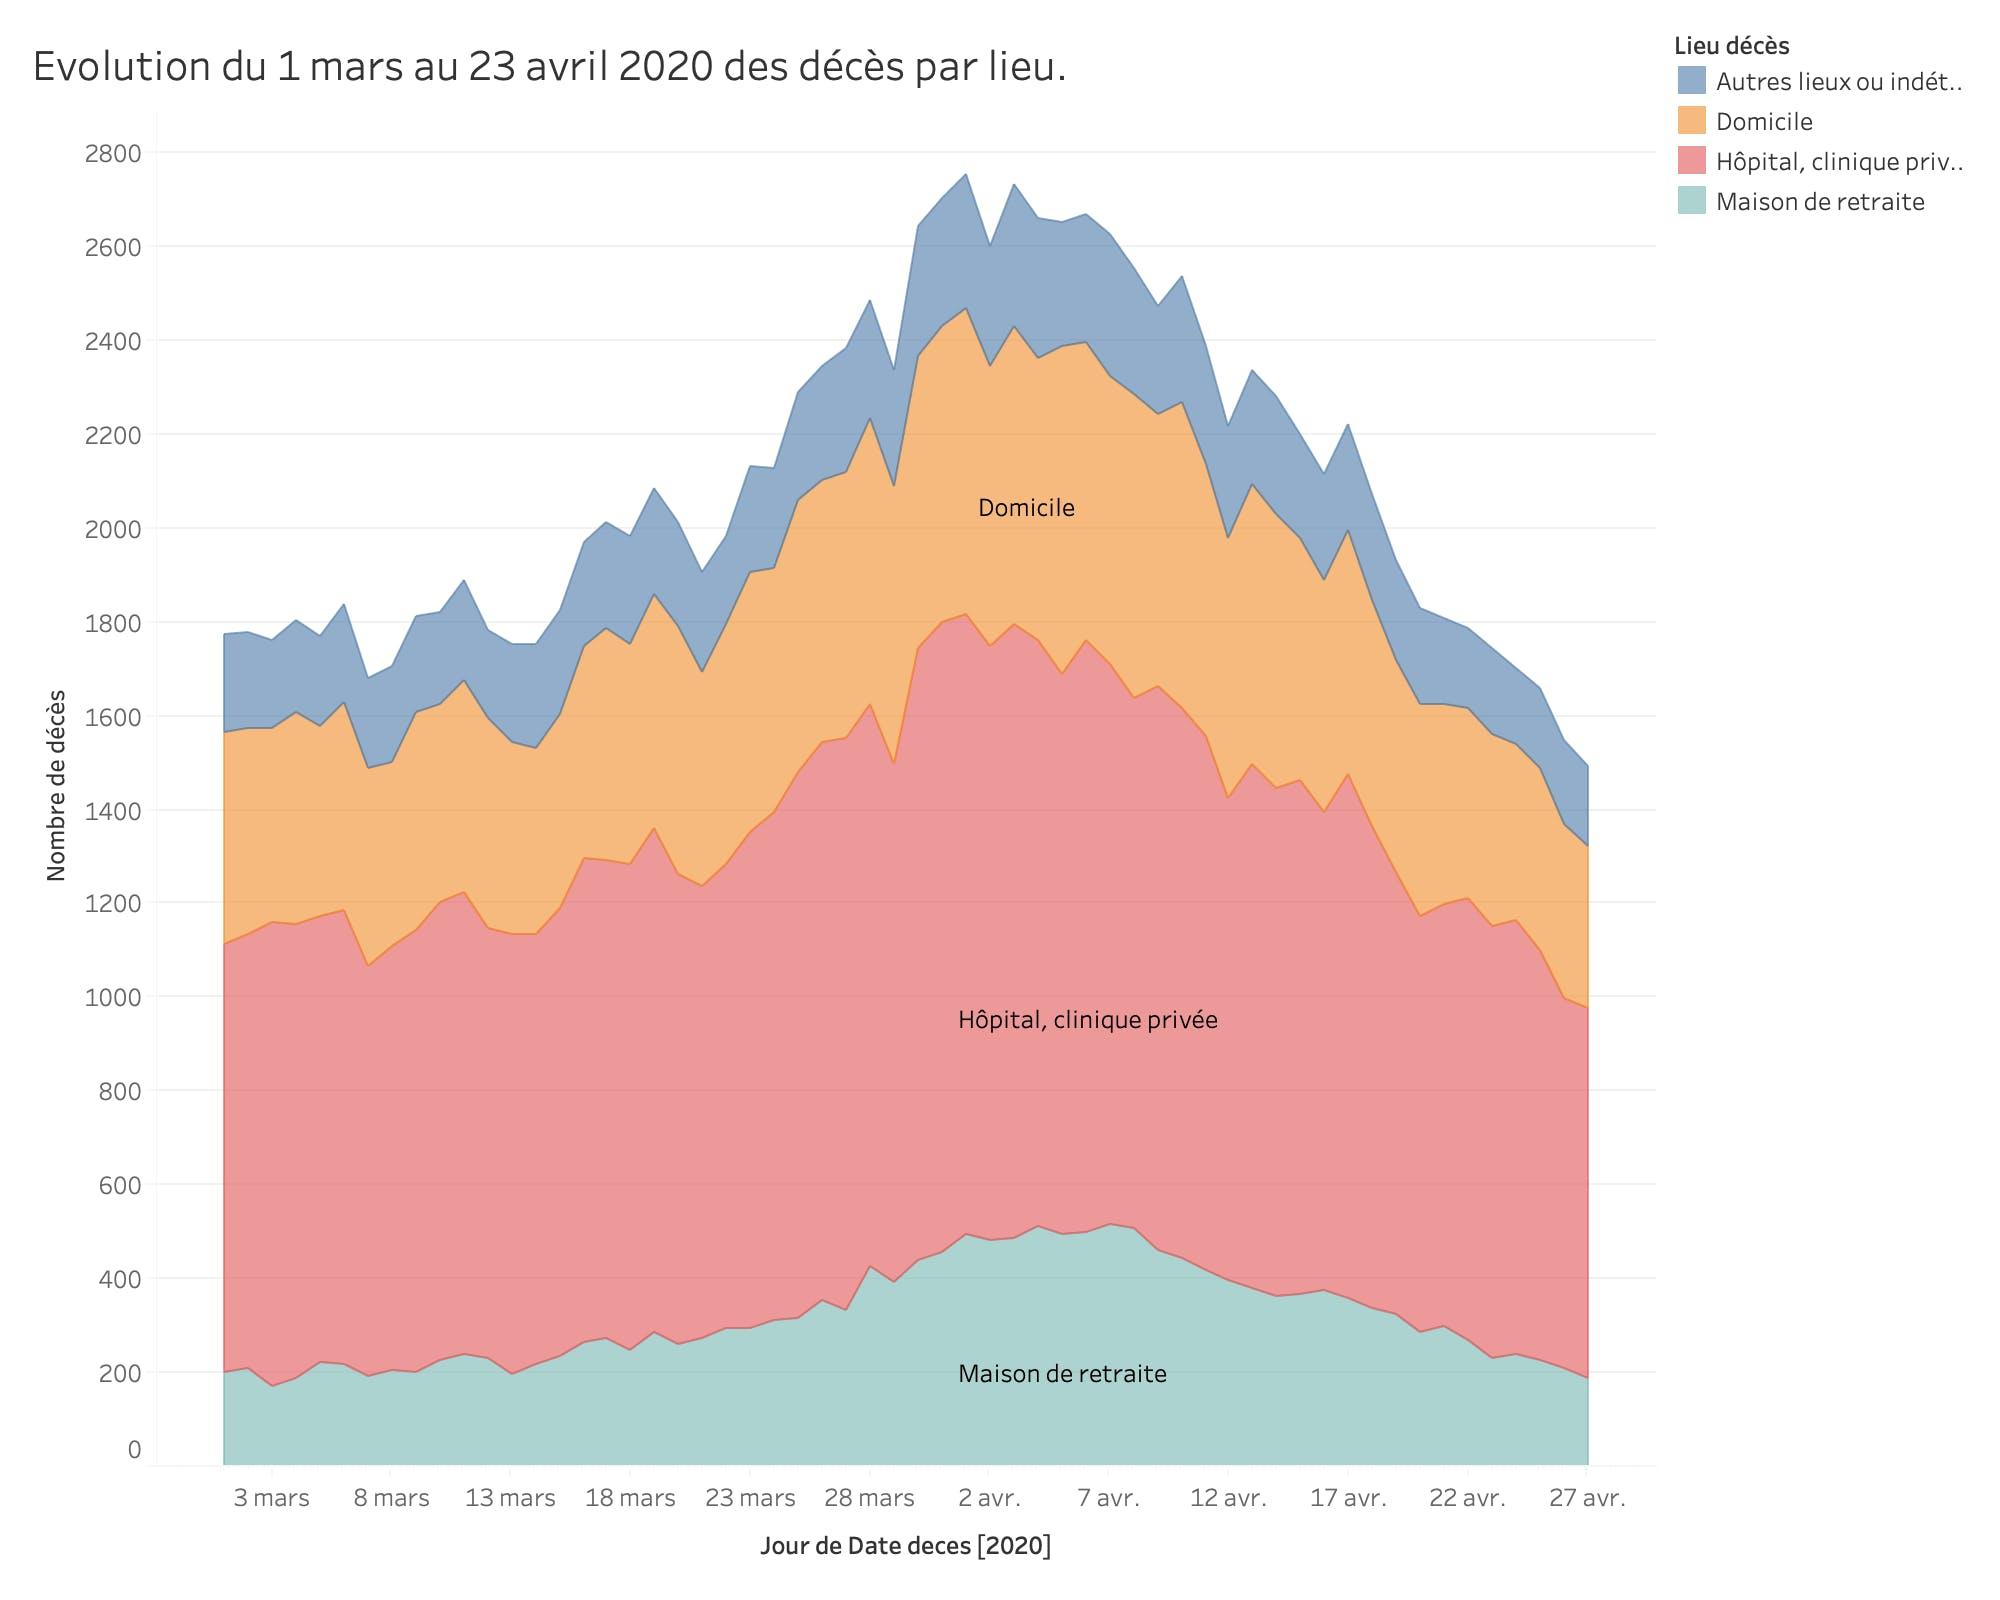 Evolution du 1 mars au 23 avril 2020 des décès par lieu.